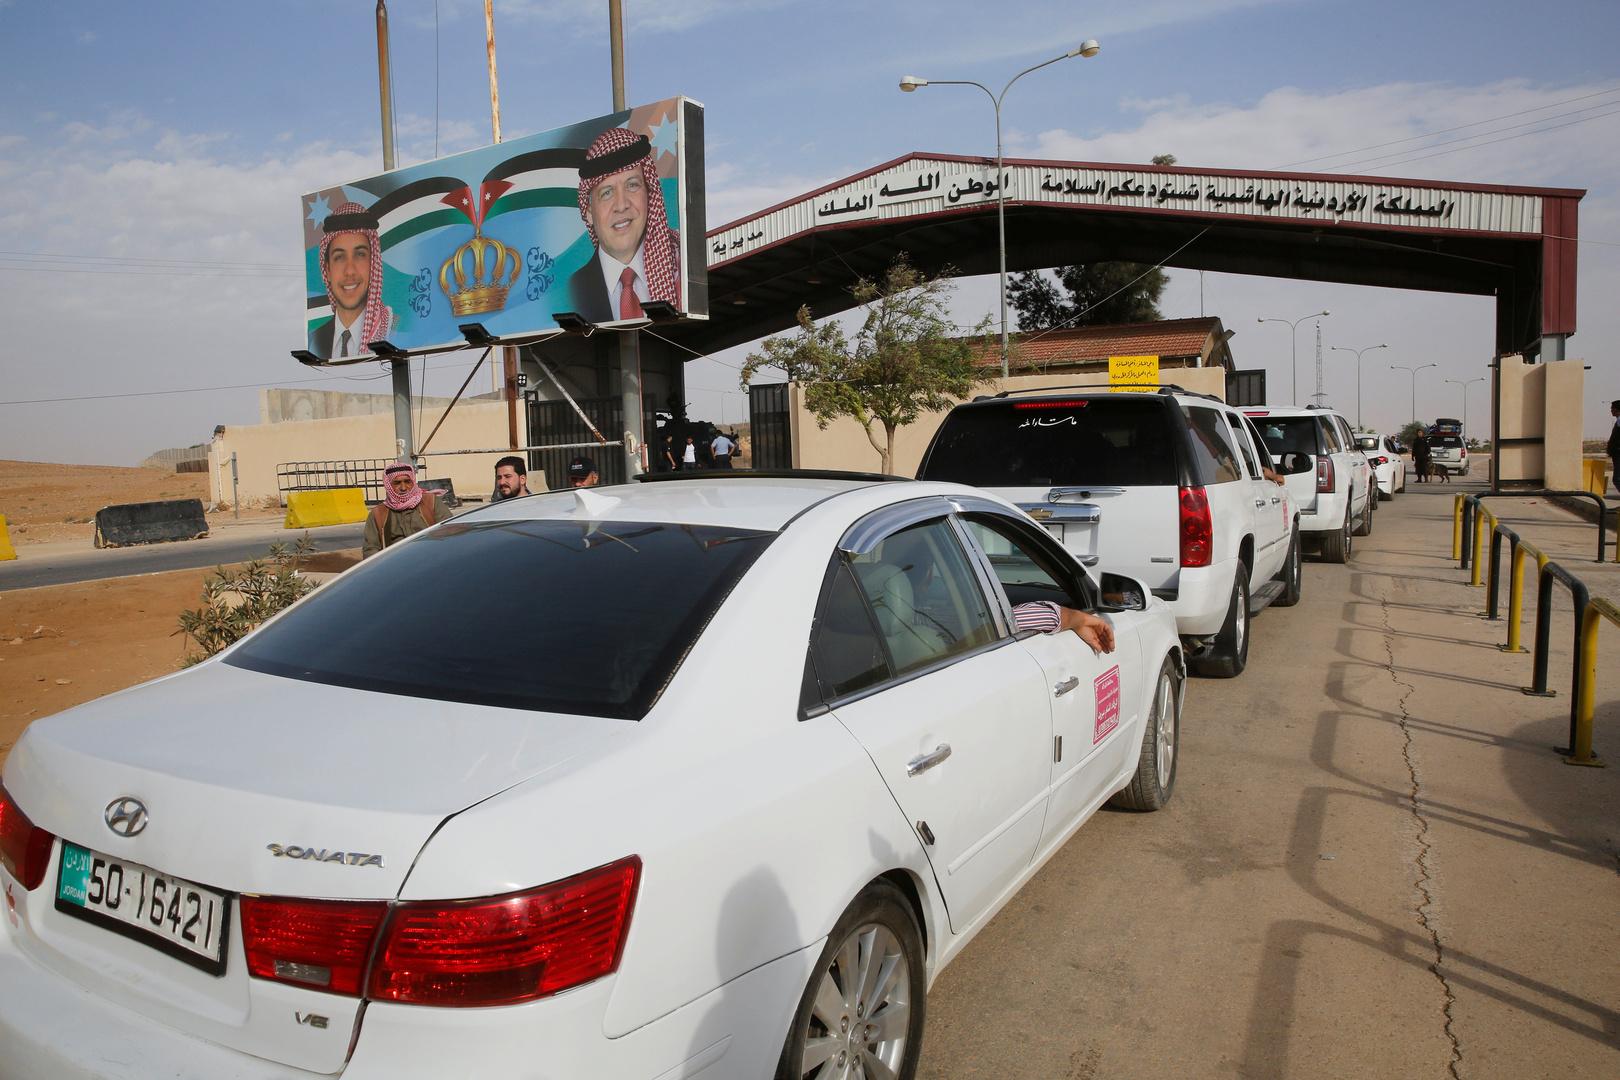 بعد افتتاح معبر جابر.. مسلحو المعارضة السورية يقطعون أوتوستراد دمشق عمان